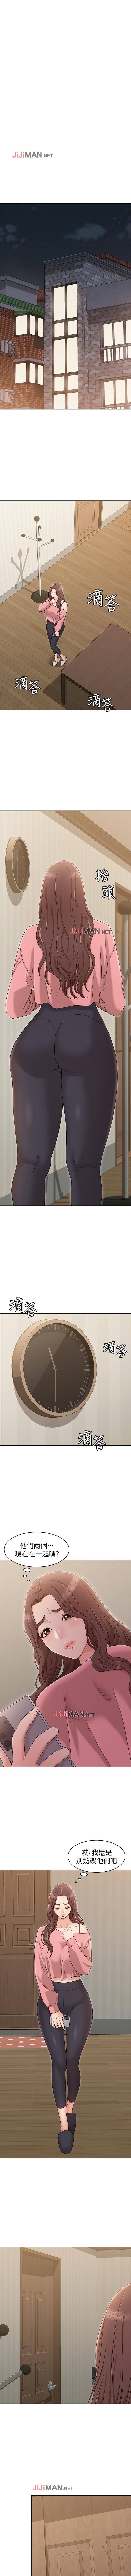 【周六连载】女友的姐姐(作者:橡果人&獵狗) 第1~14话 111